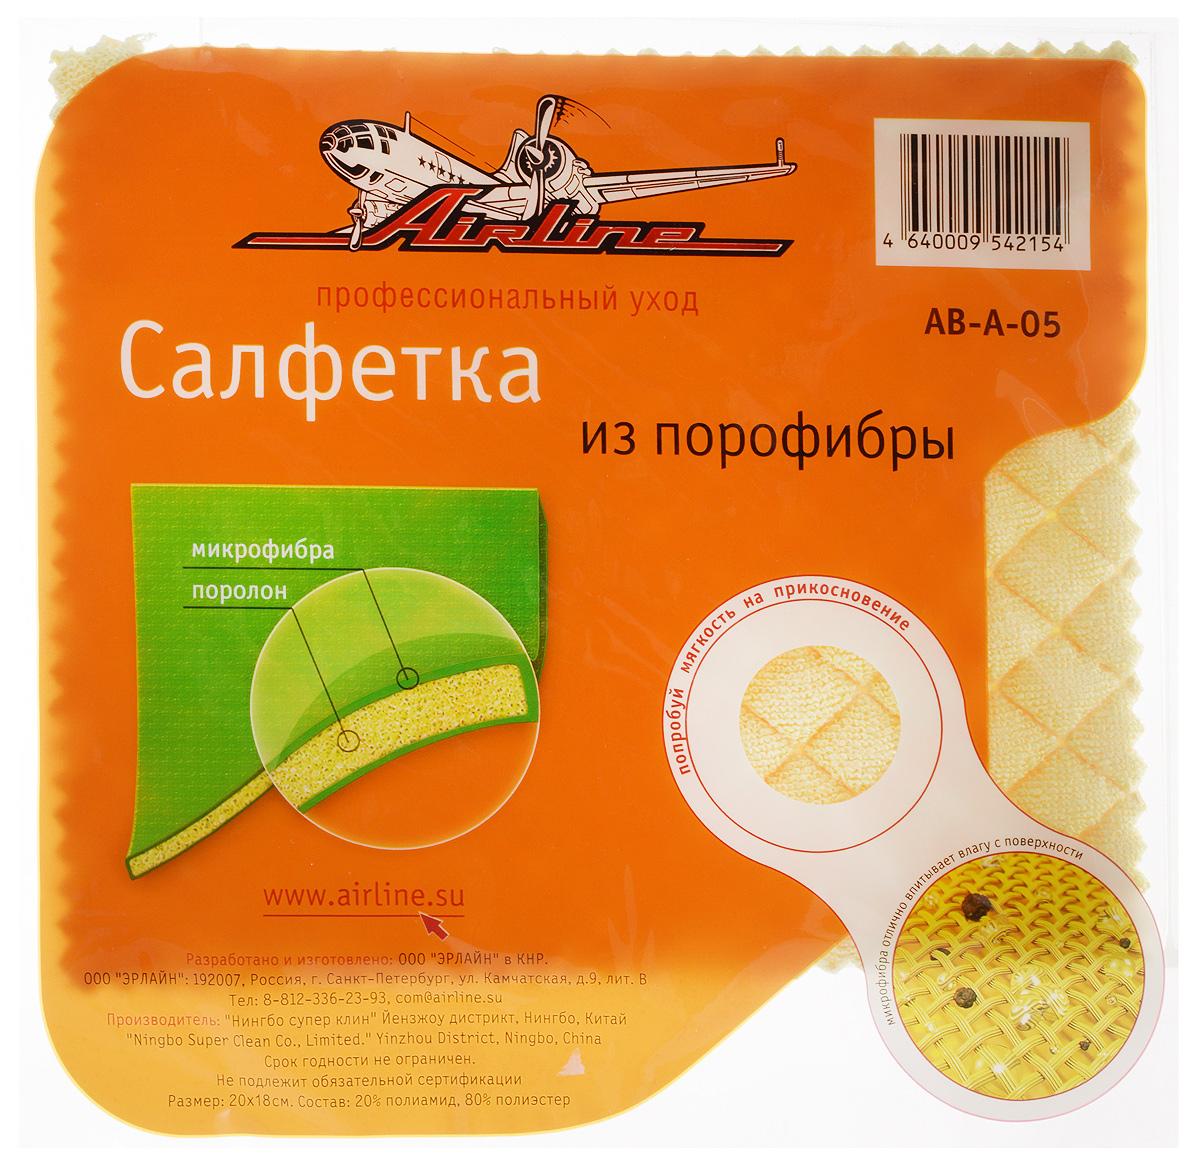 Салфетка Airline, цвет: желтый, 20 х 18 смAB-A-05Салфетка Airline, выполненная из порофибры, идеально подходит для очистки и полировки всех типов лакировочных, хромированных, пластиковых, зеркальных и стеклянных поверхностей. Мягкий и обильно впитывающий влагу поролон соединен с микрофибровой тканью, которая гладко устраняет грязь с поверхности, устраняя разводы и не оставляя следов ворса.